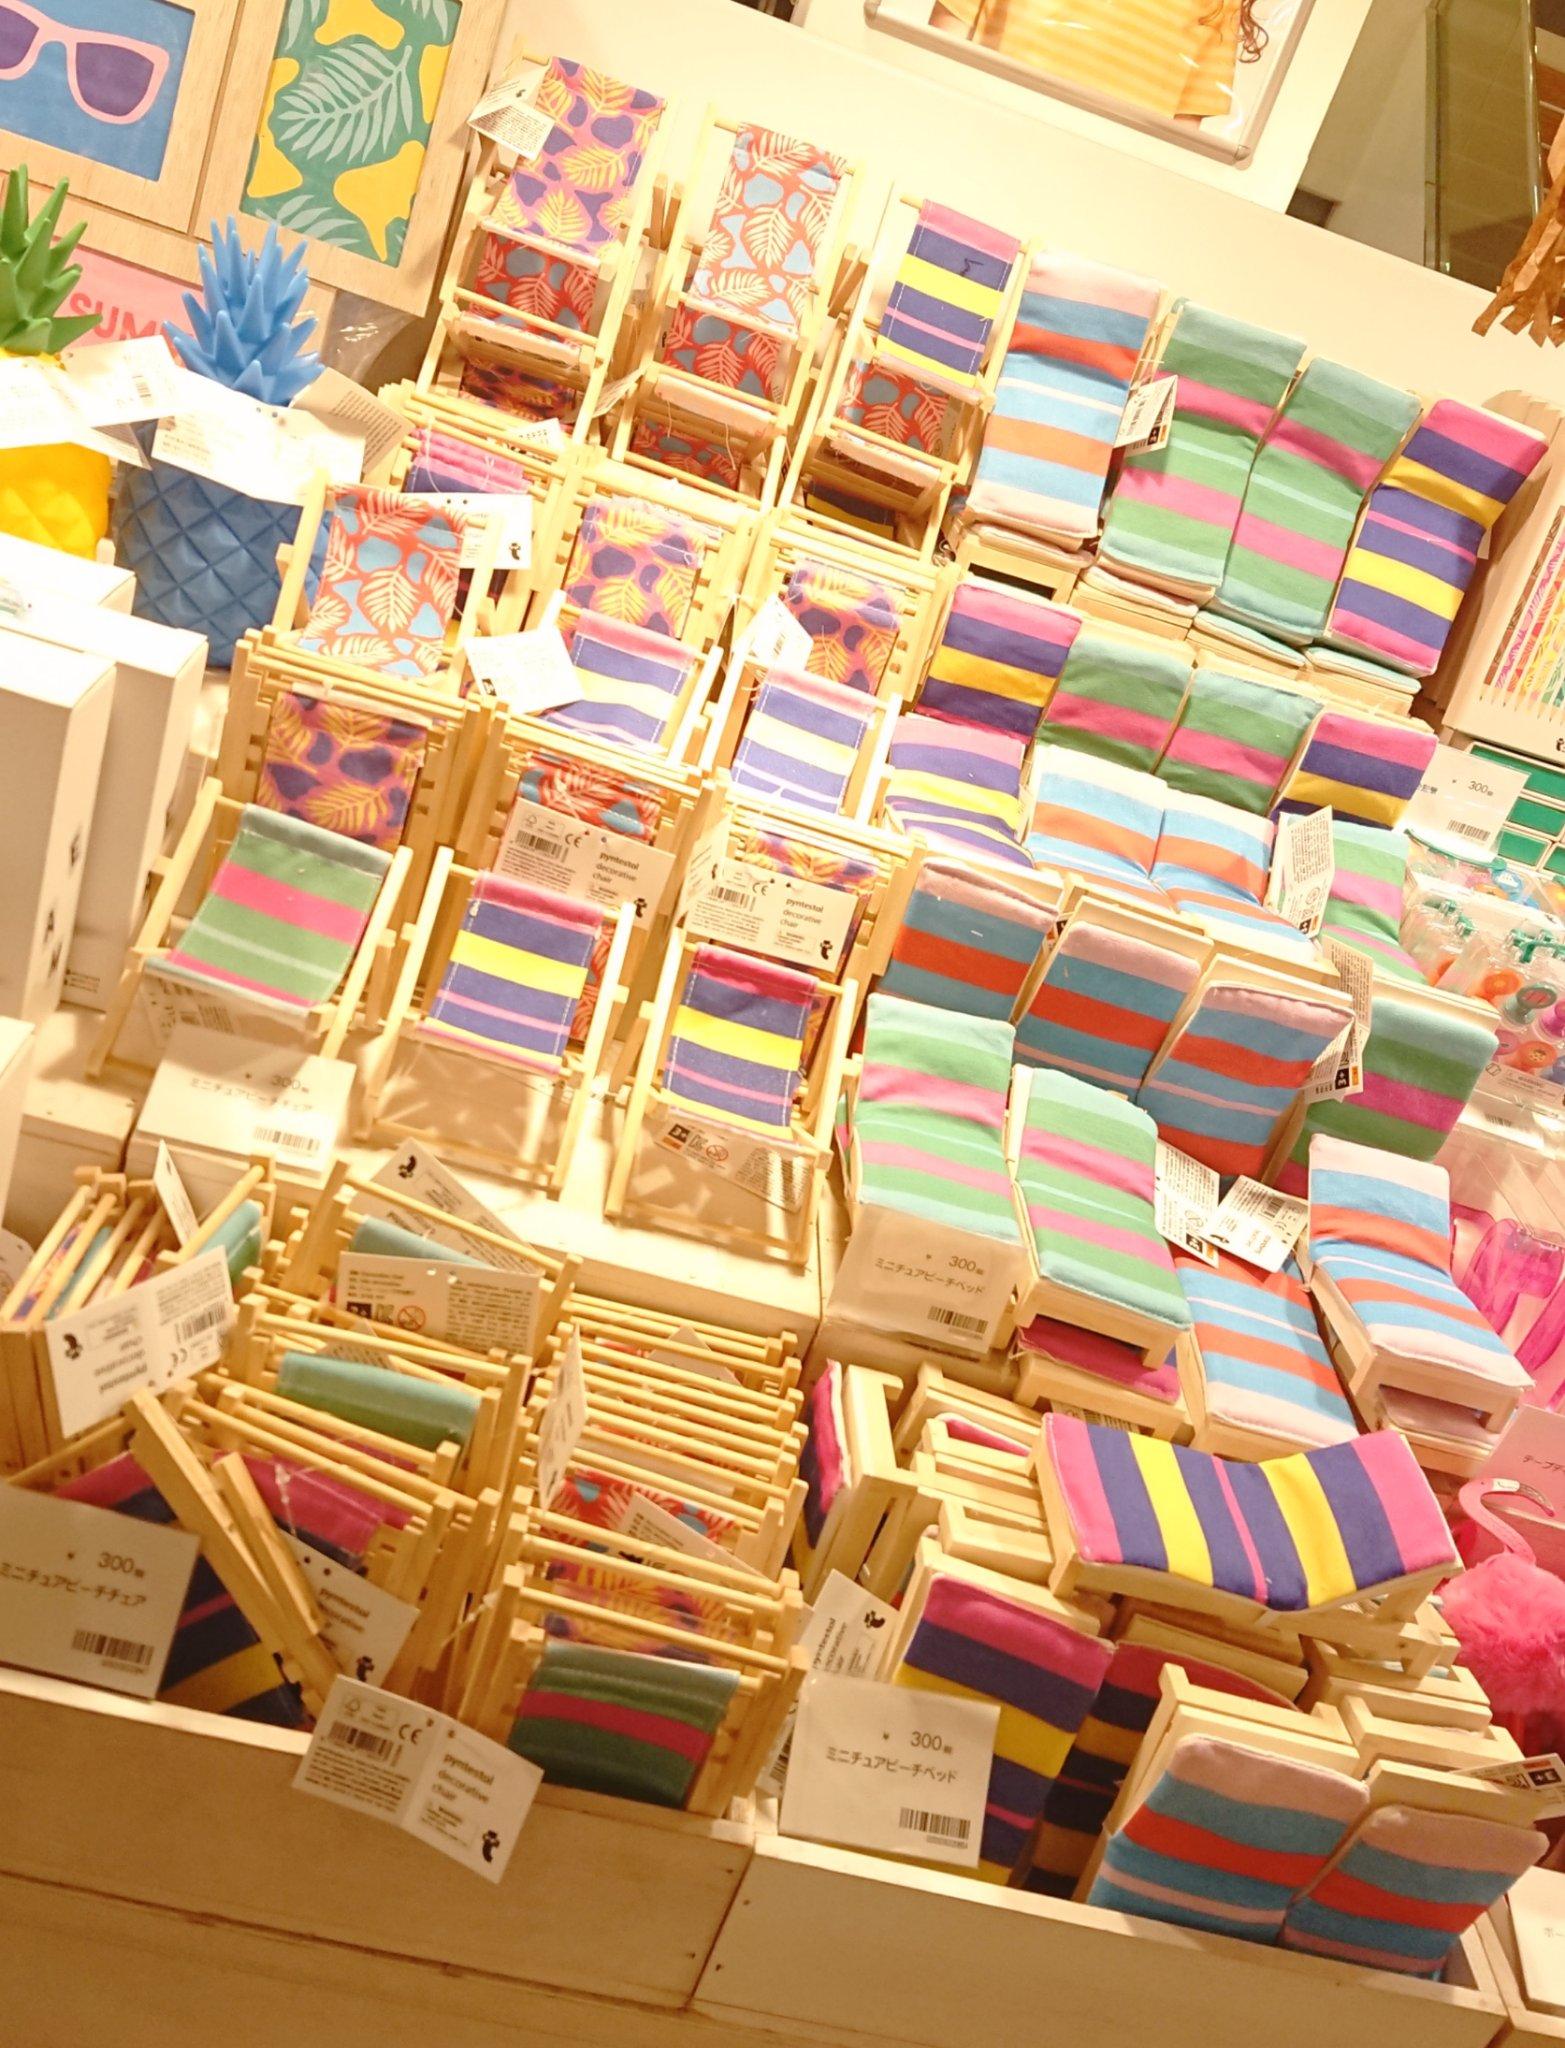 いろいろなかわいい雑貨が置いてあるフライングタイガー。かわいいミニチュア用のベッドなども。